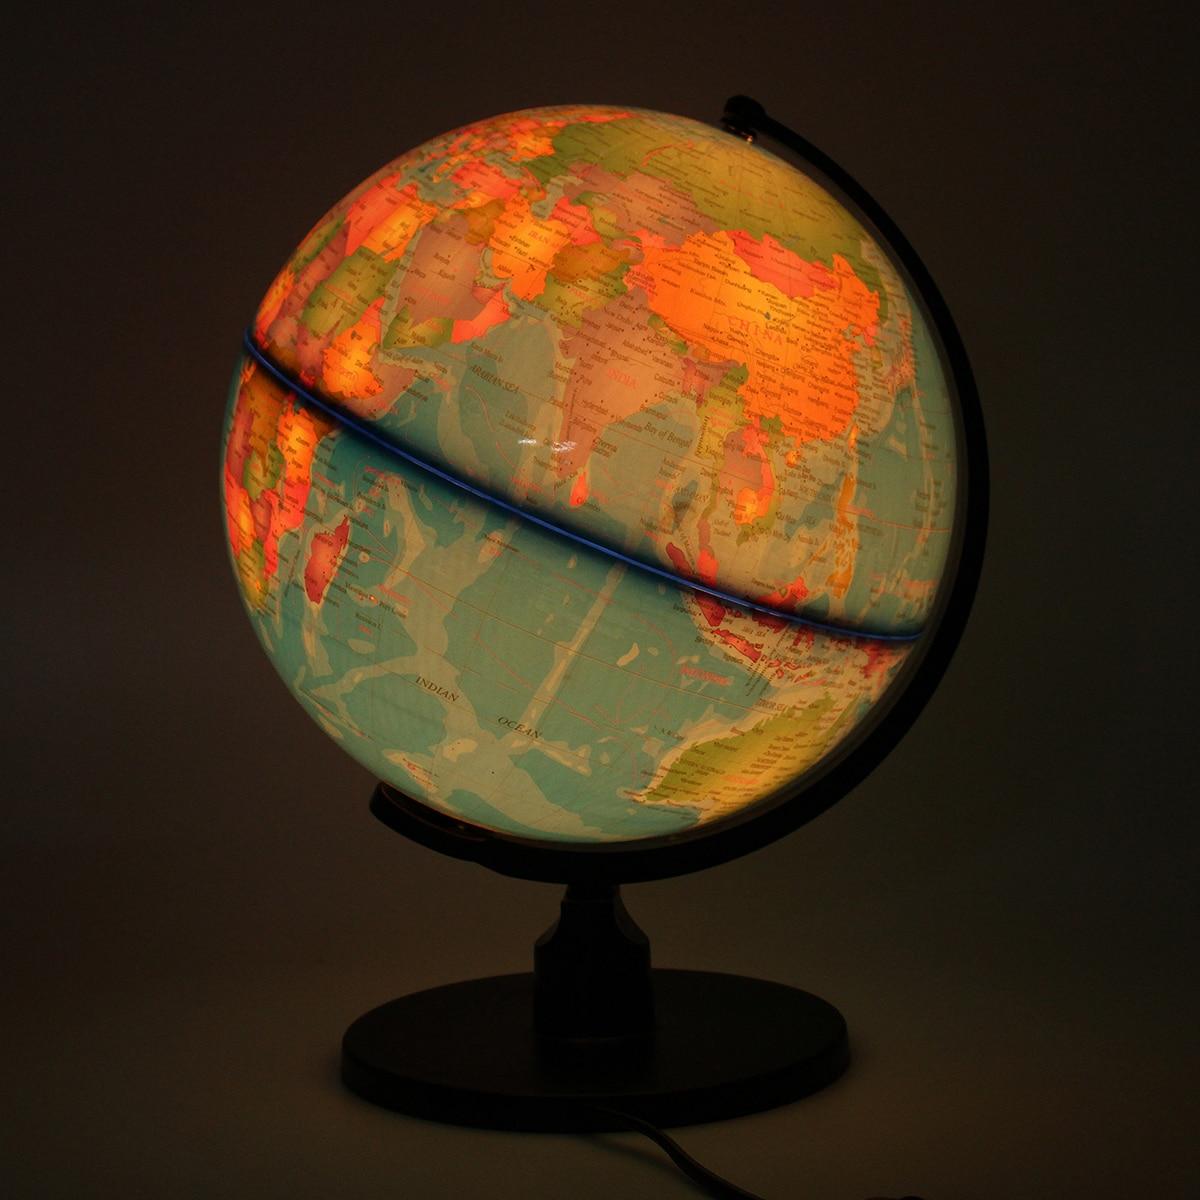 Ofis ve Okul Malzemeleri'ten Coğrafya'de Karasal dünya küresi Dünya Haritası led ışık Coğrafya Eğitim Oyuncak Standı Ev Dekorasyon Ofis Süs Çocuk Hediye title=